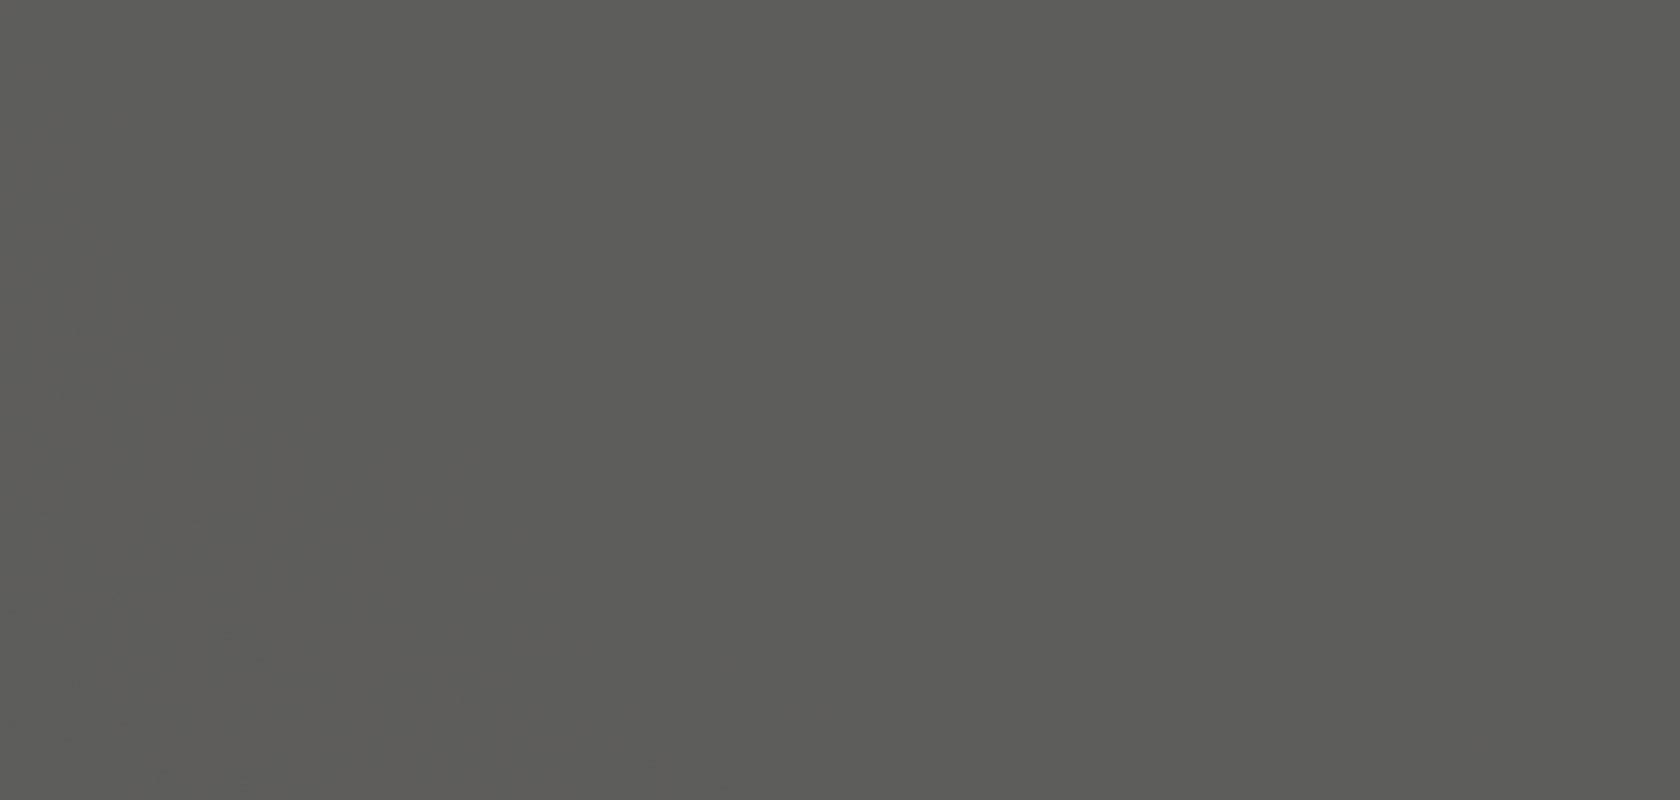 194 Slate grey